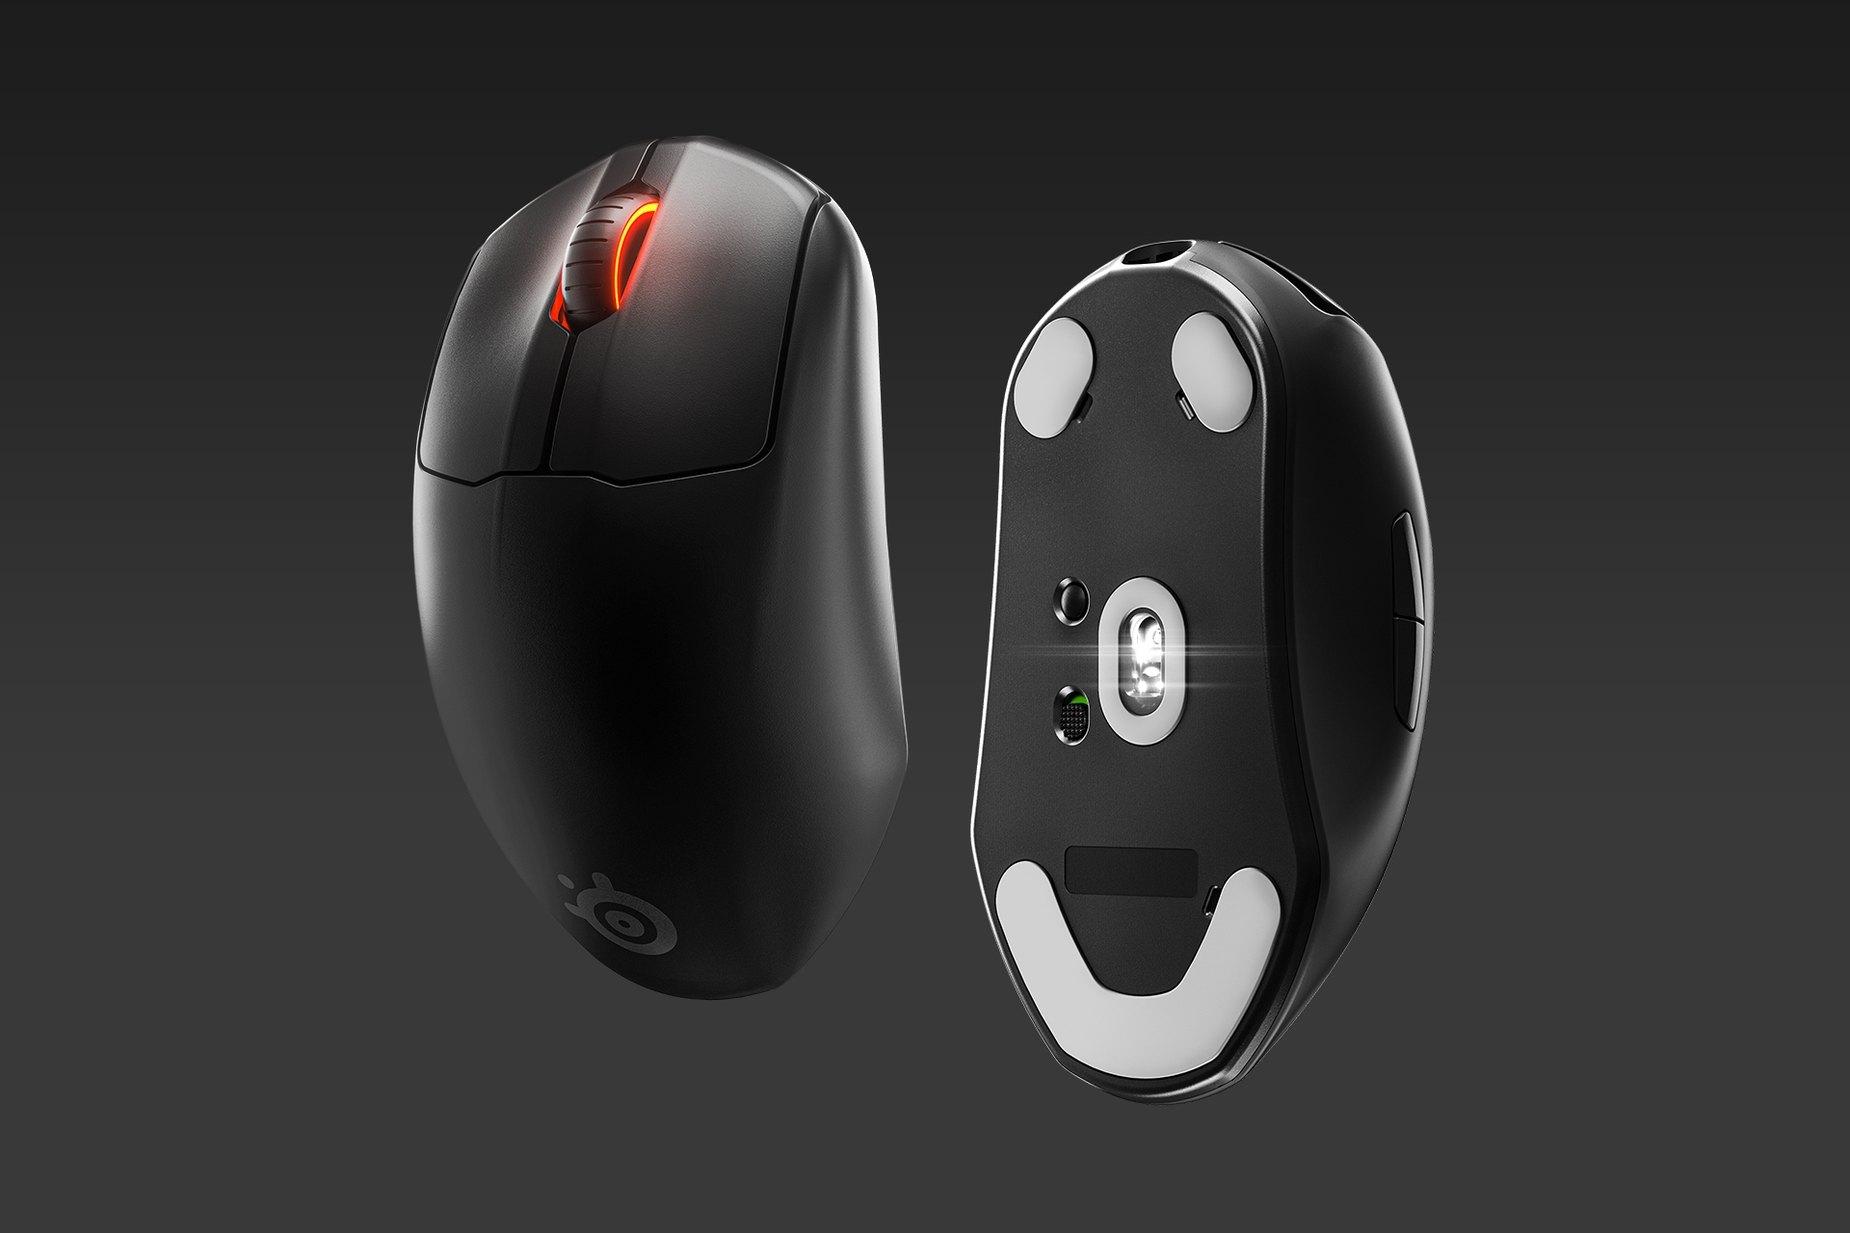 兩支 Prime 無線滑鼠:一支展示掌托,另一支展示感應器。